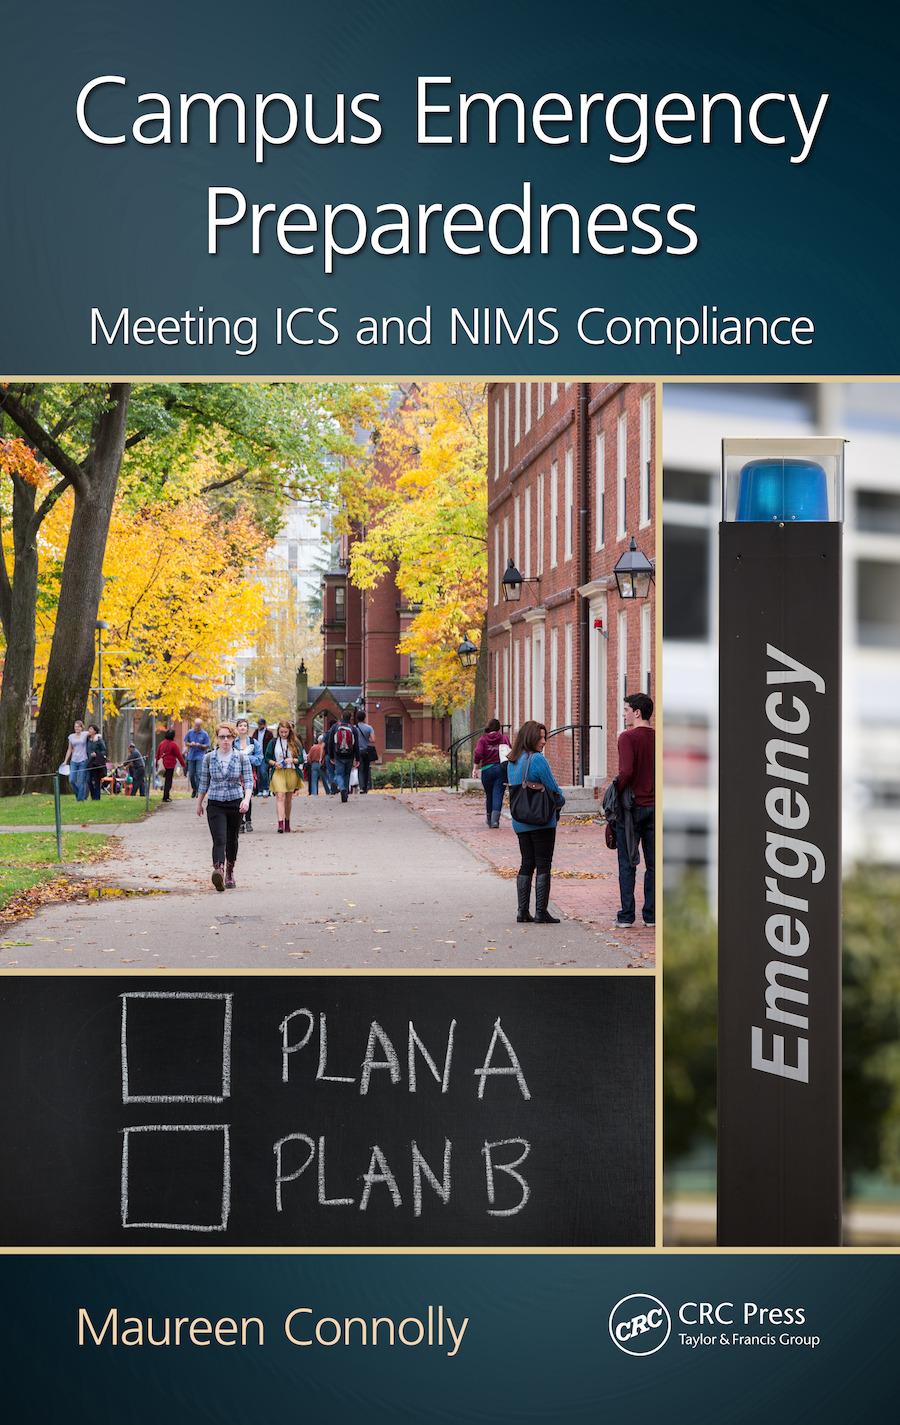 Campus Emergency Preparedness